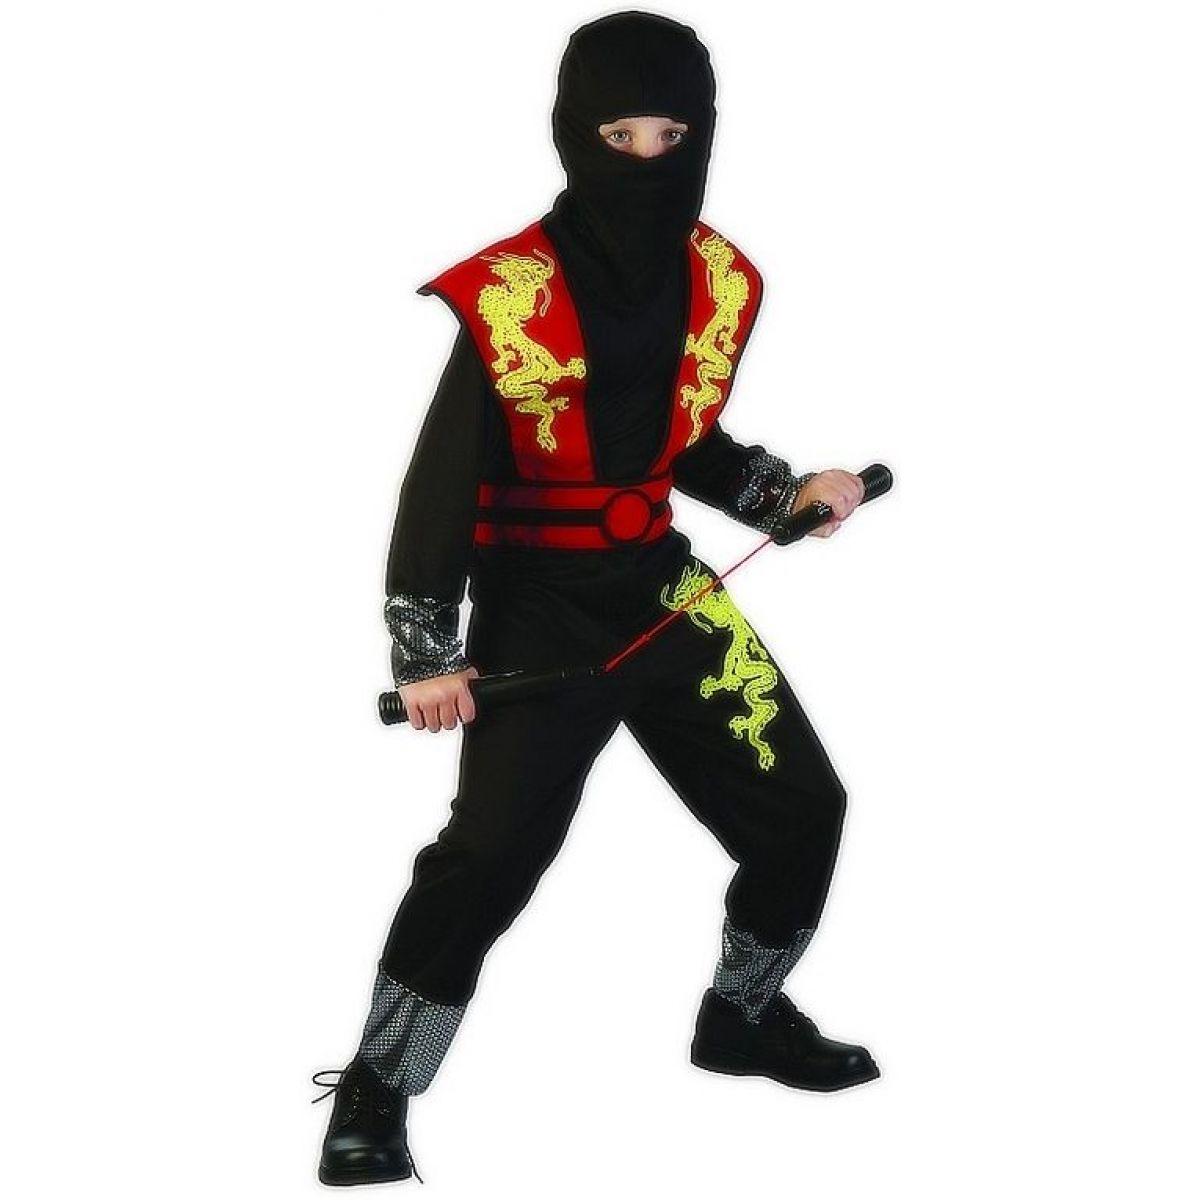 Made Detský kostým Ninja červený 120-130 cm